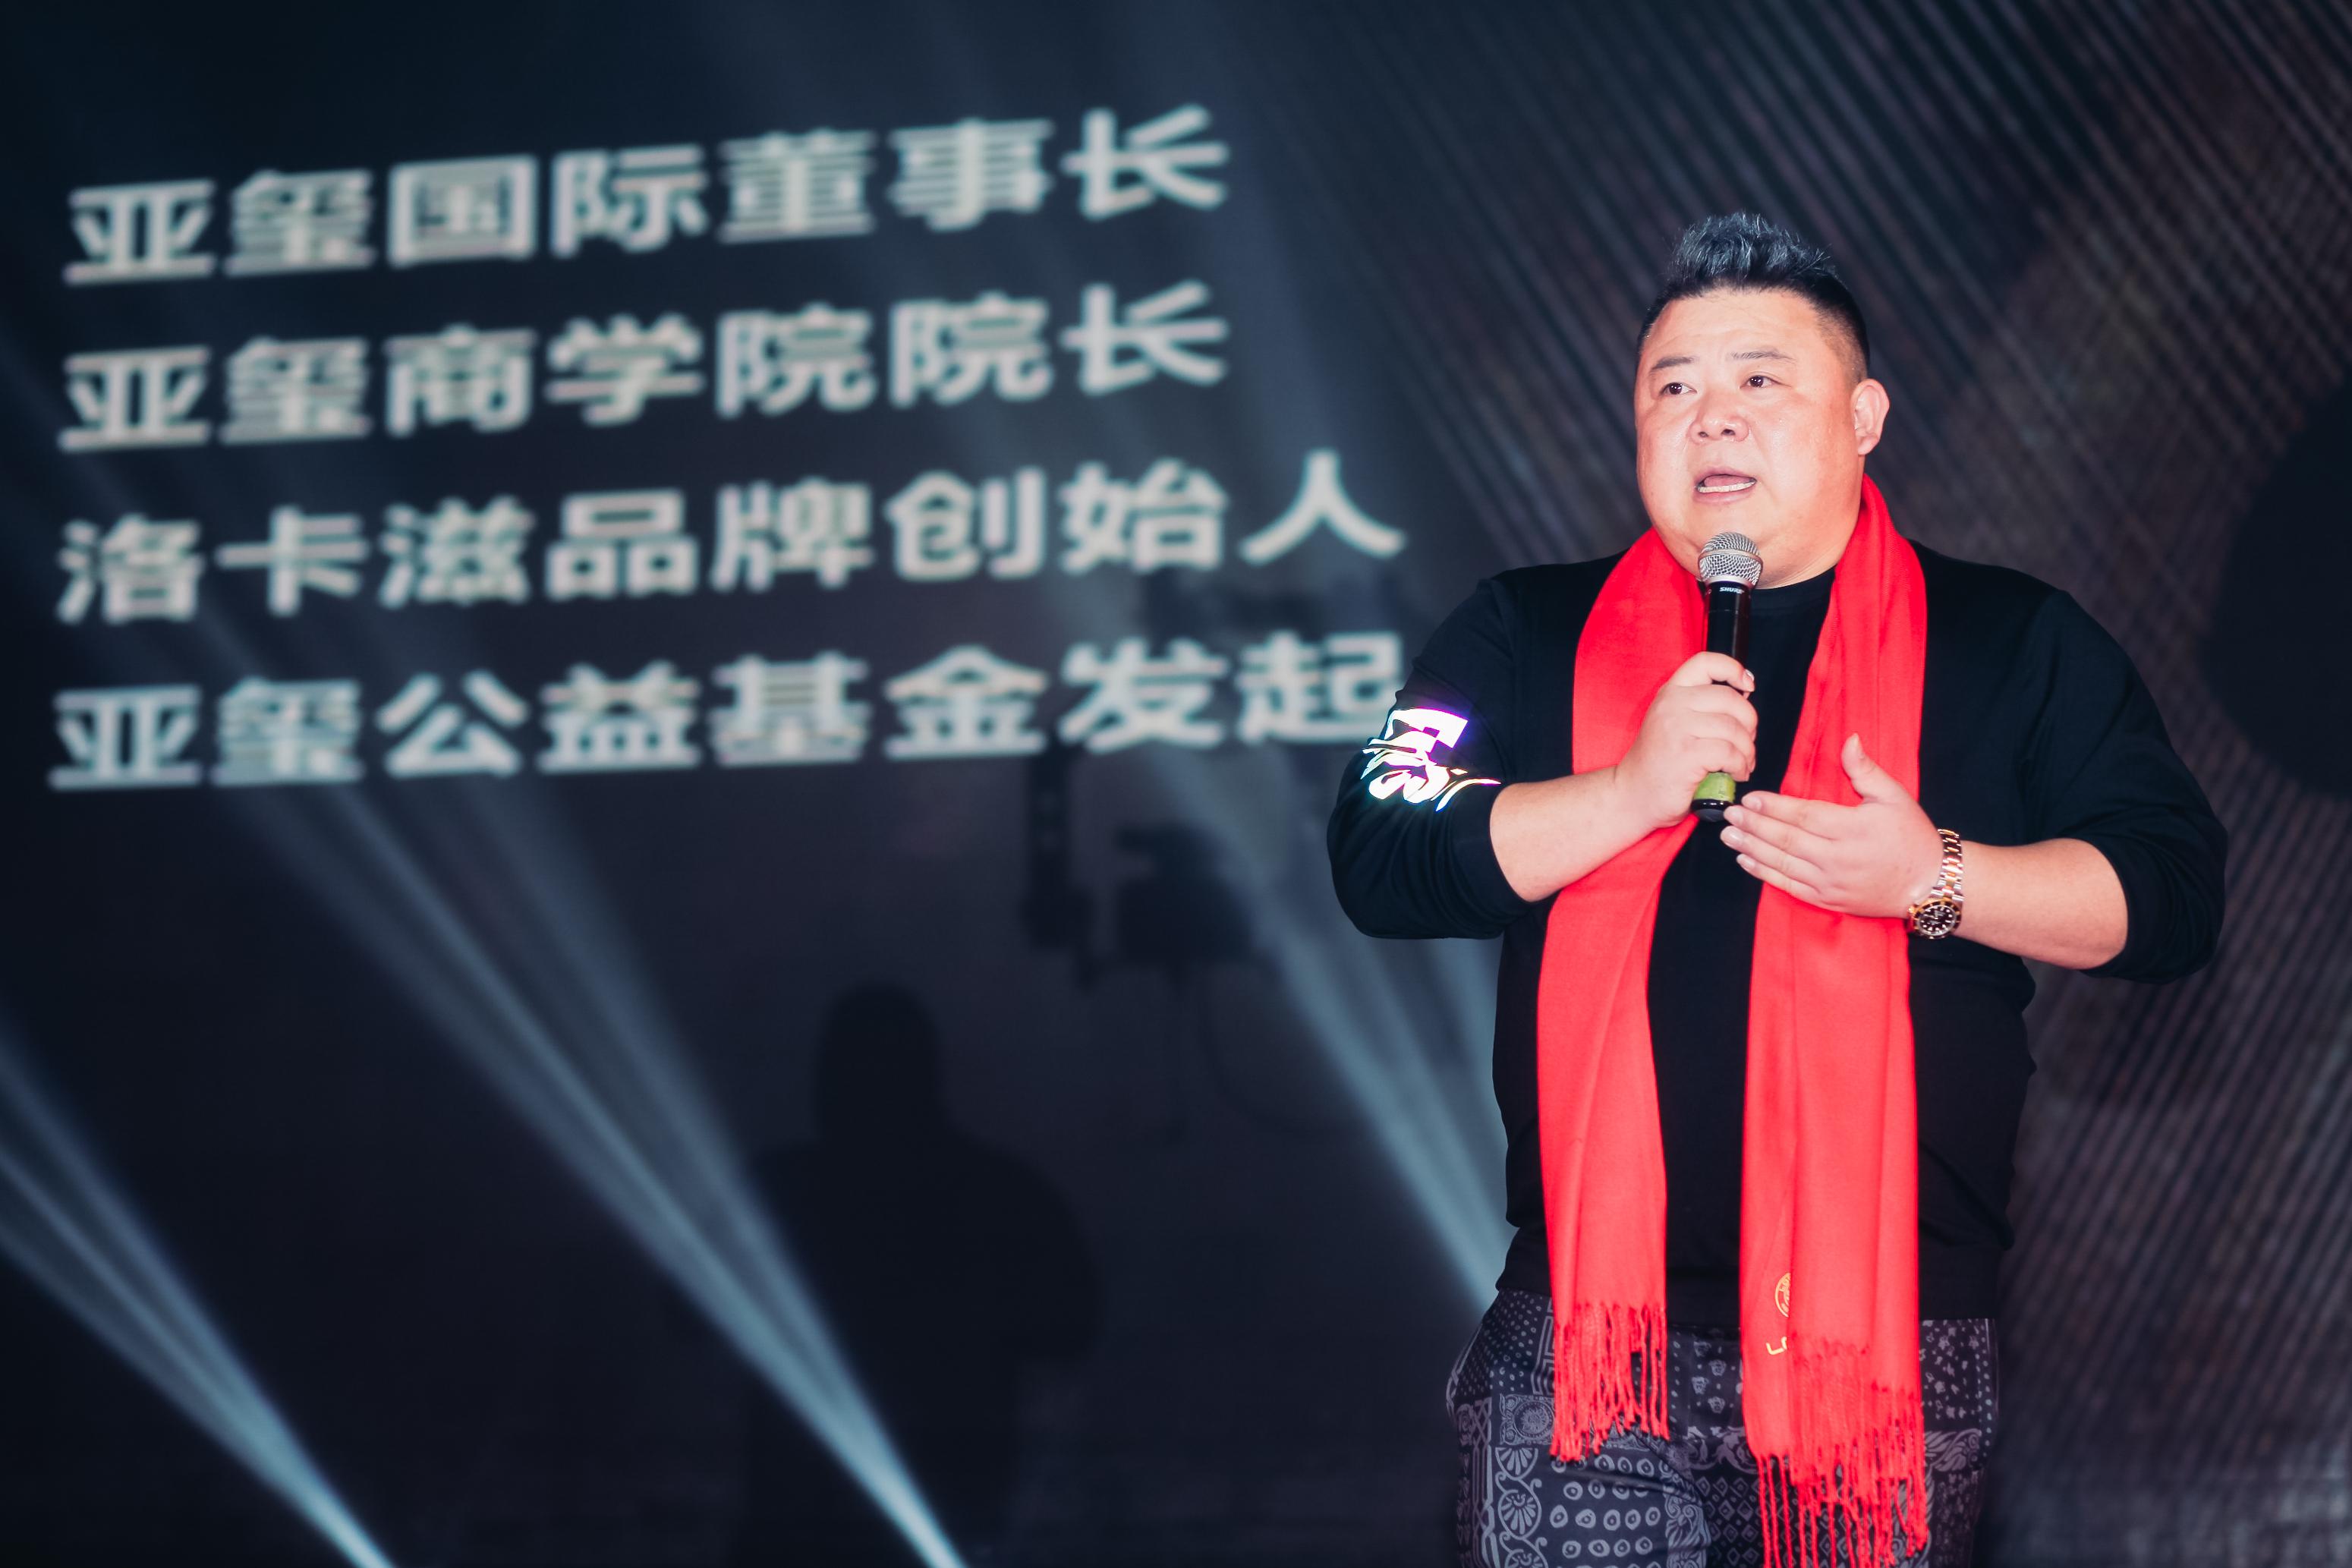 企业家专访 | 洛卡滋创始人邓清求,开拓微商洗护帝国传奇